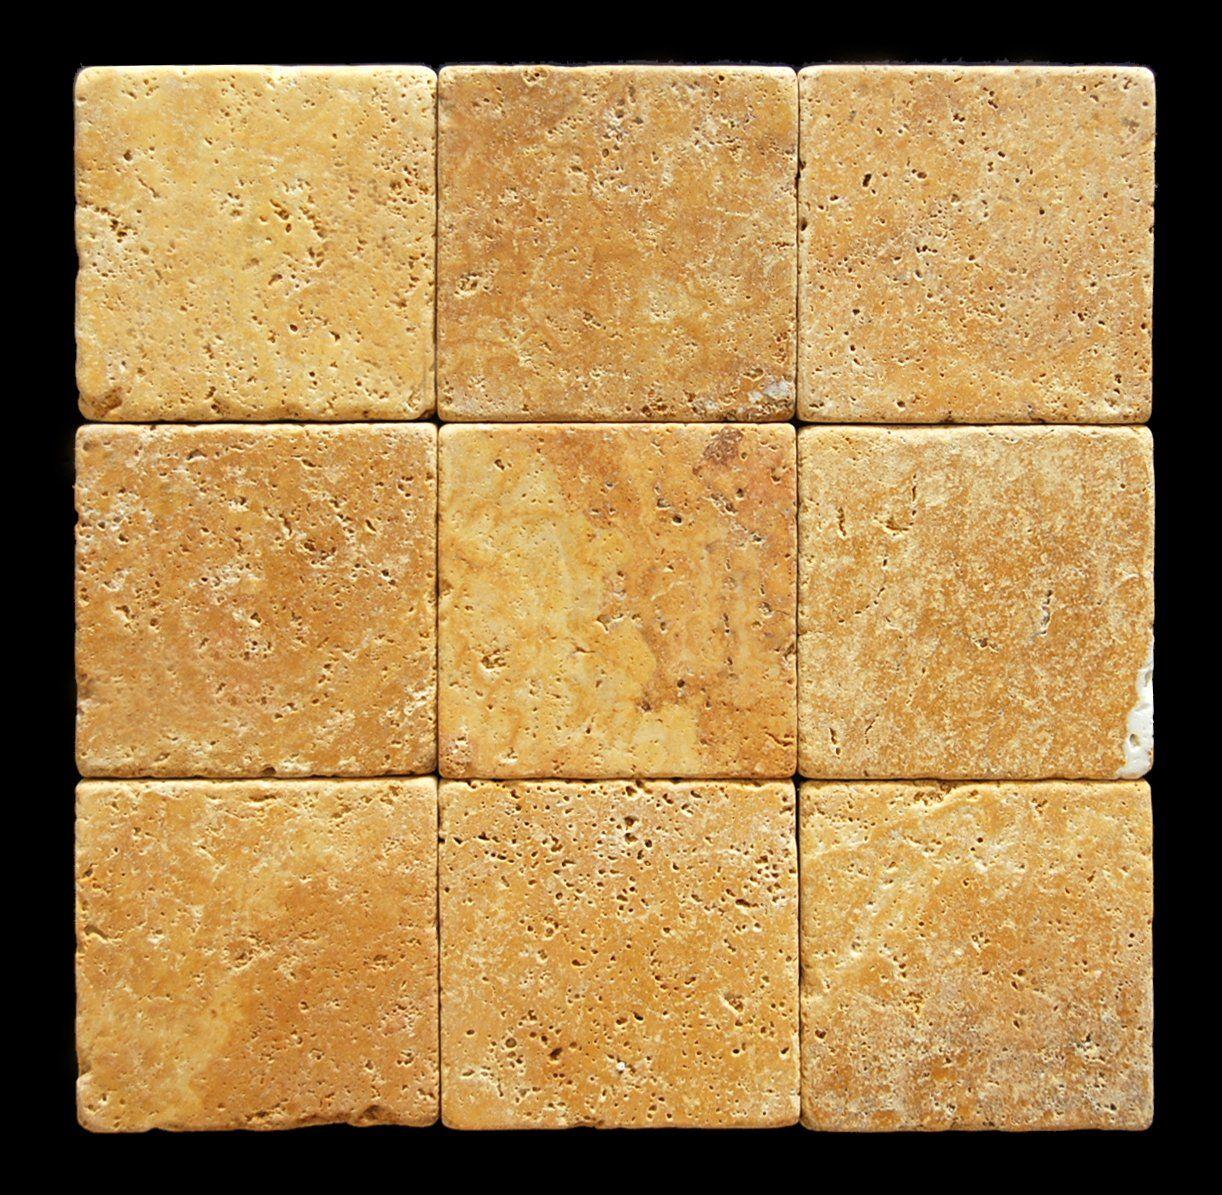 - Gold / Yellow 4X4 Tumbled Travertine Tile - Marble Tiles - Amazon